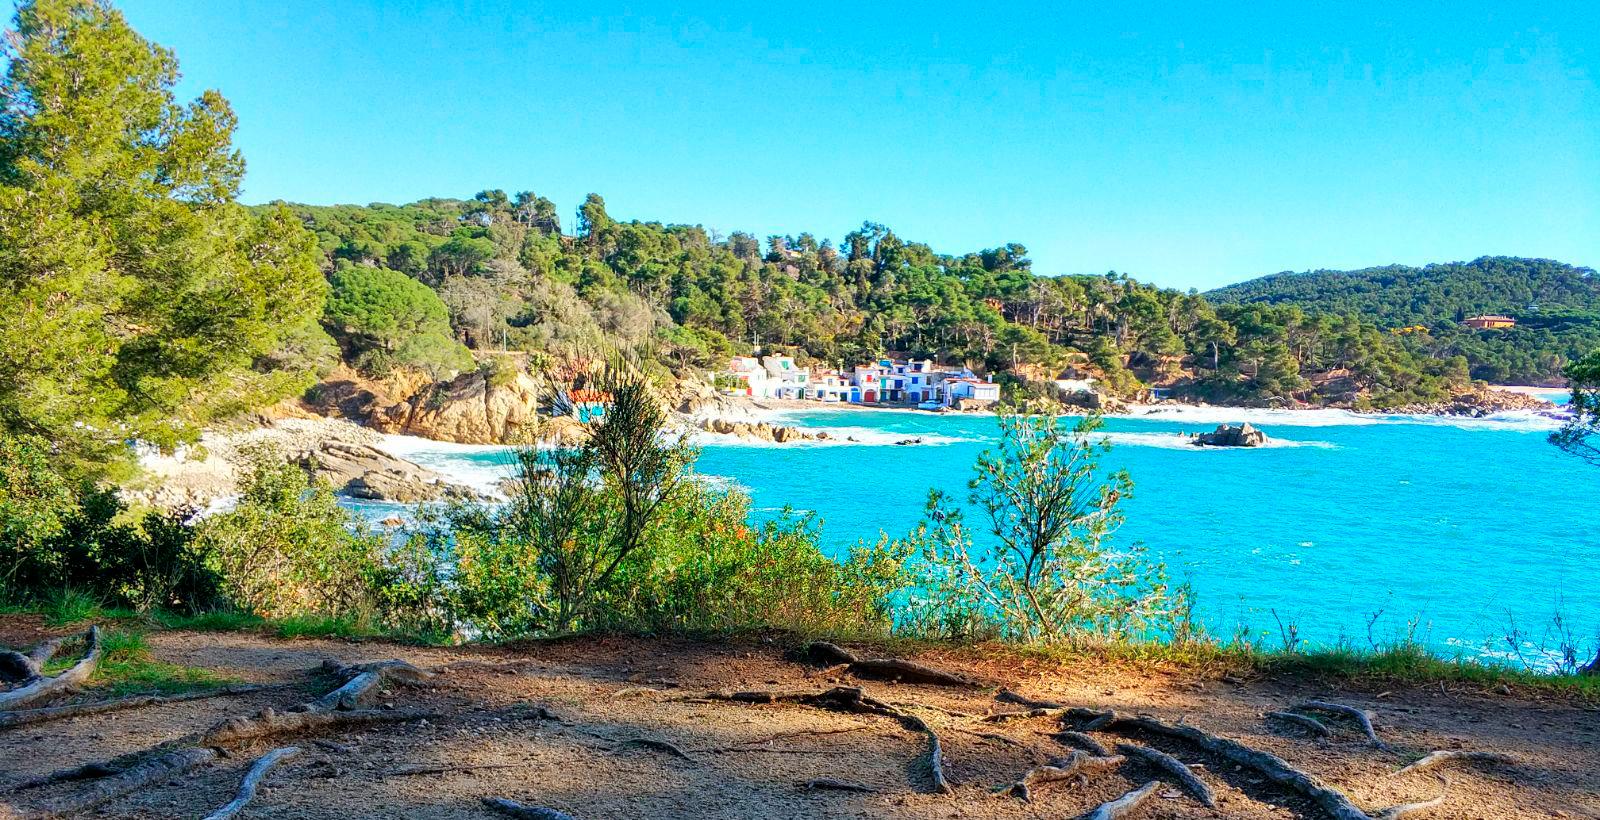 Camping playa en La Costa Brava